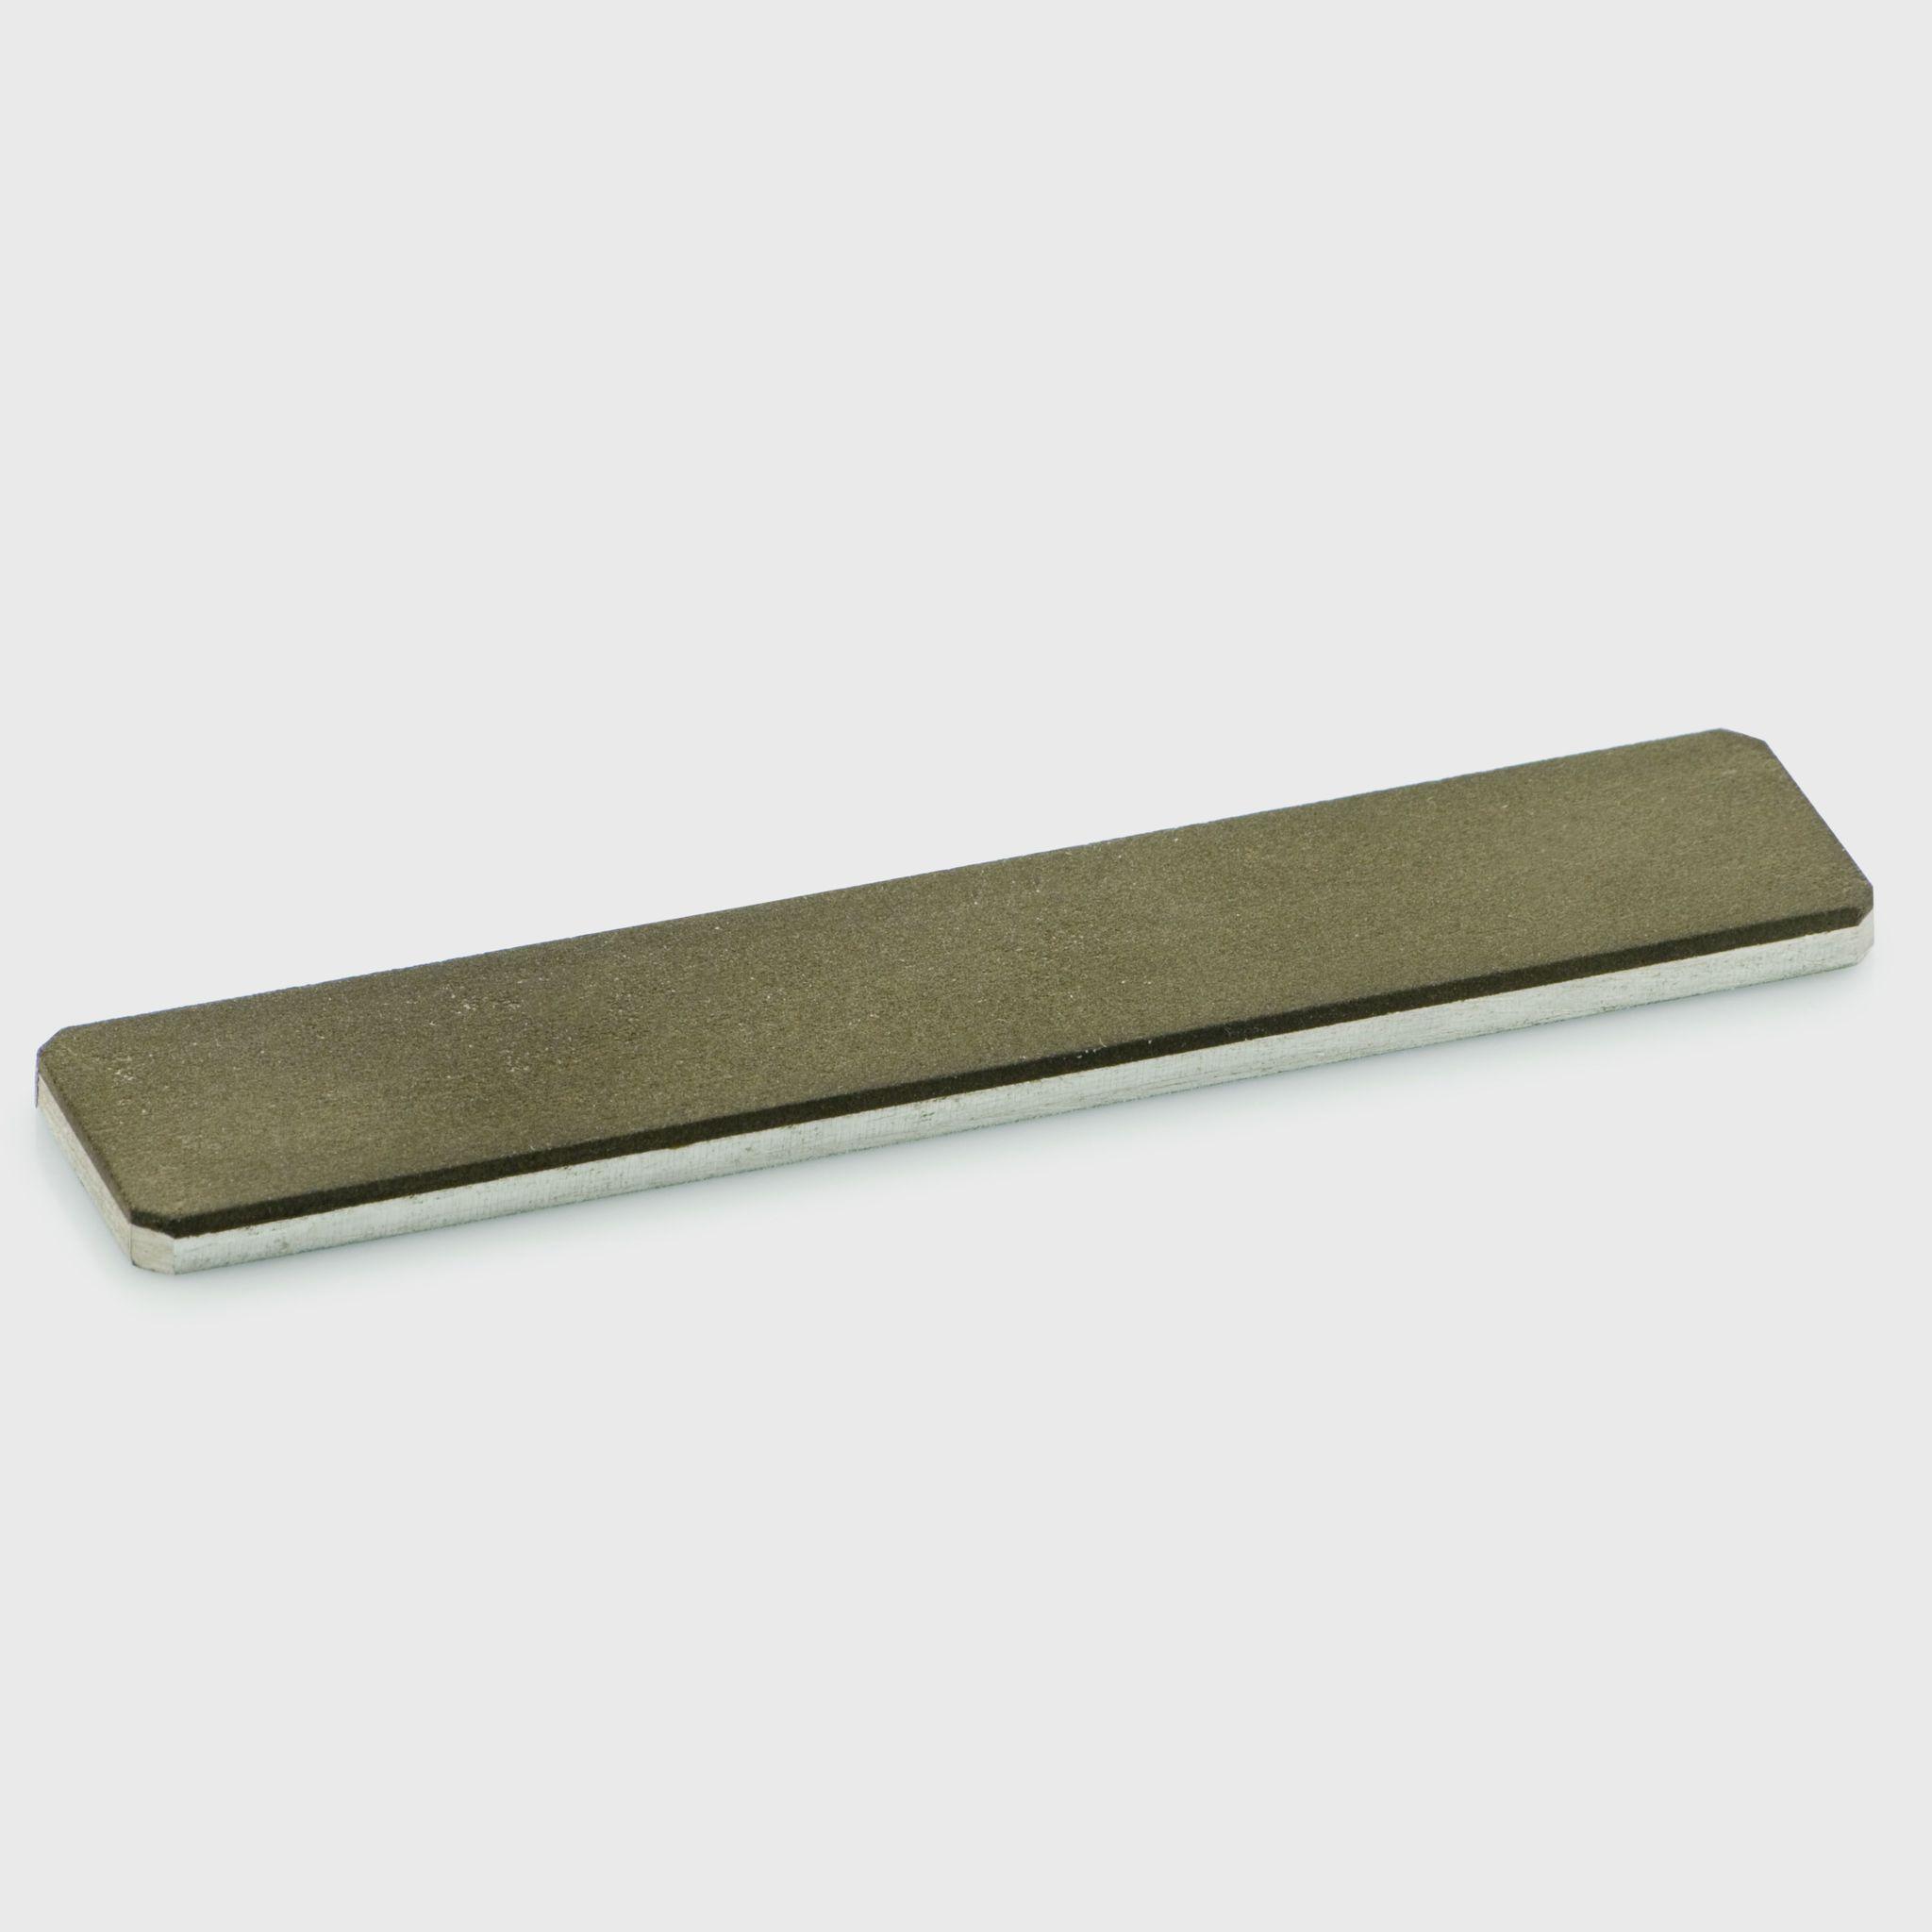 Каталог Алмазный брусок 110х23х4 3/2 100% 110х24_1а.jpg